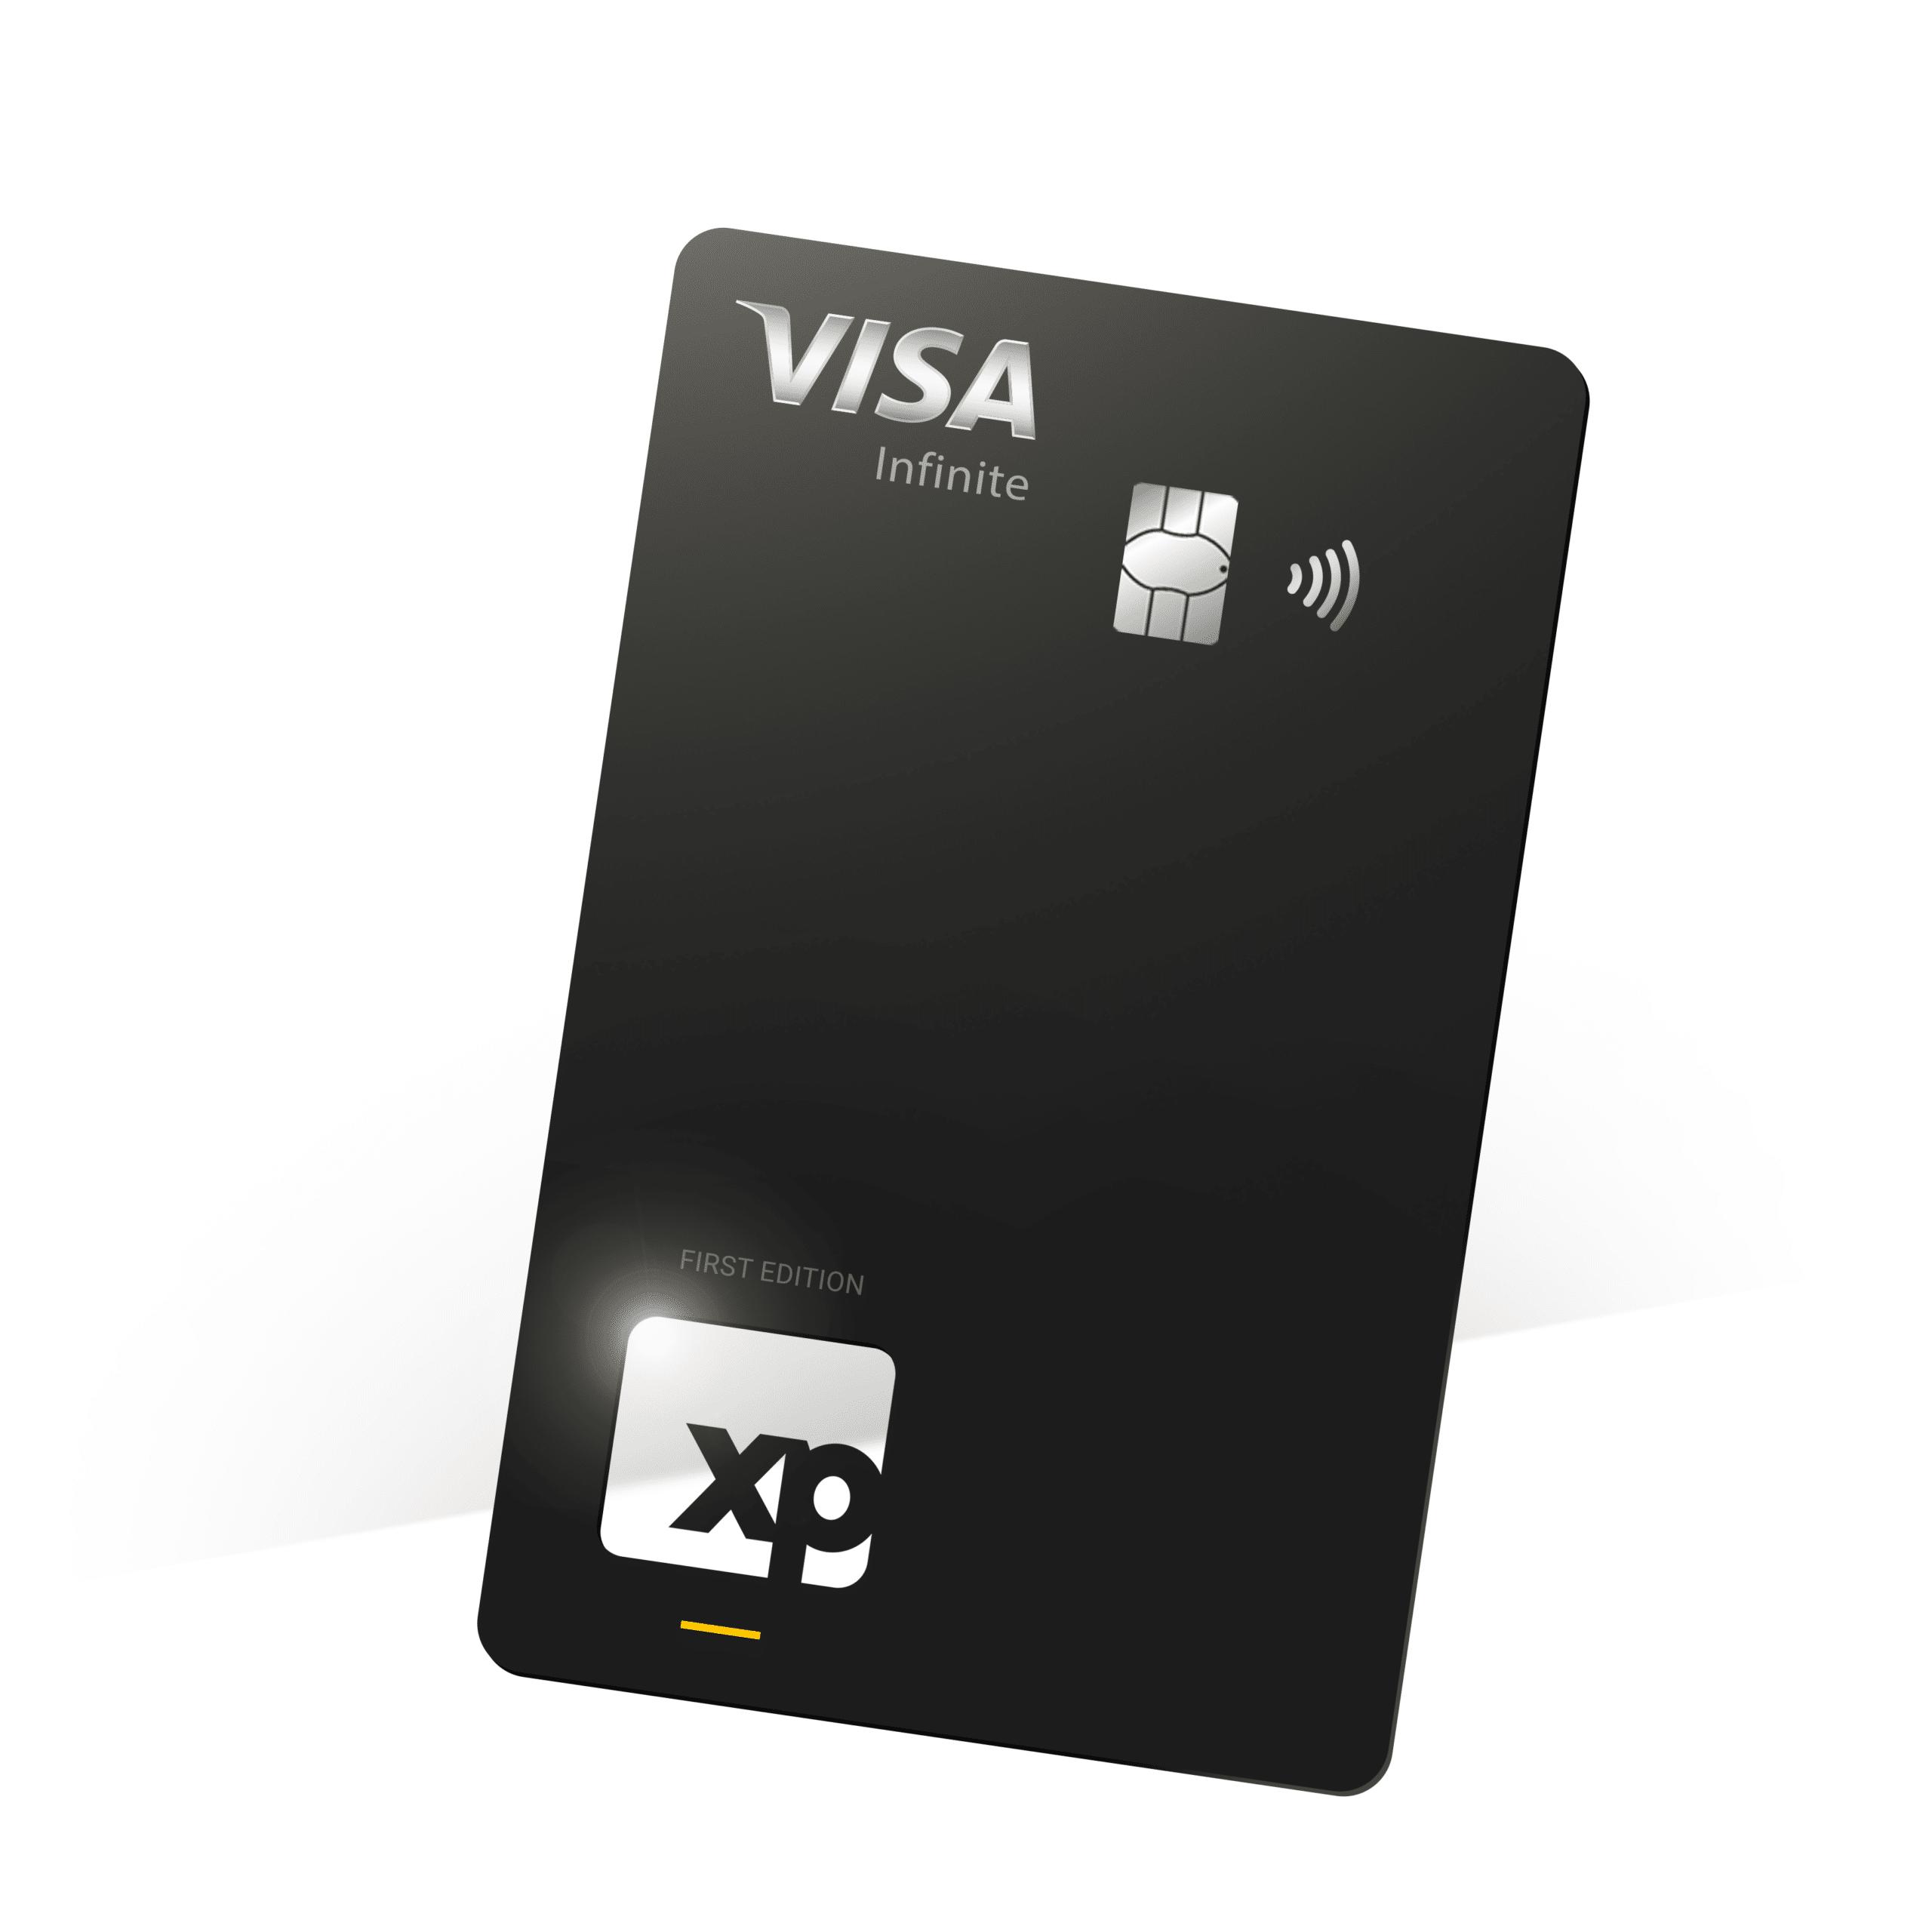 Cartão da XP